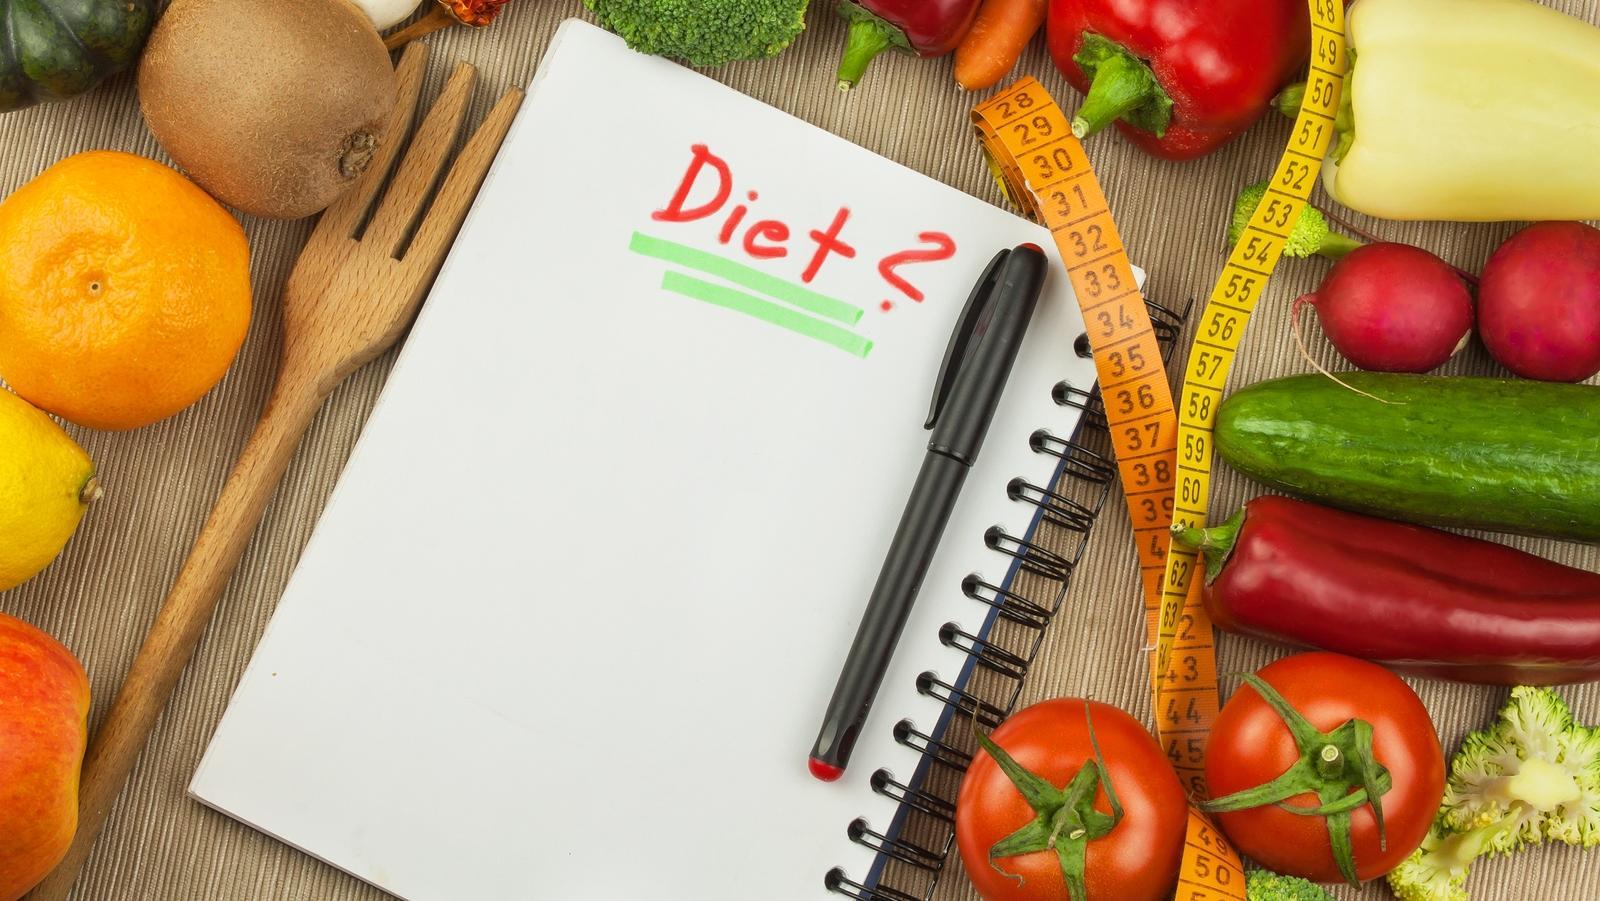 az étkezés elhagyása fogyáshoz vezethet sabrina soto fogyás